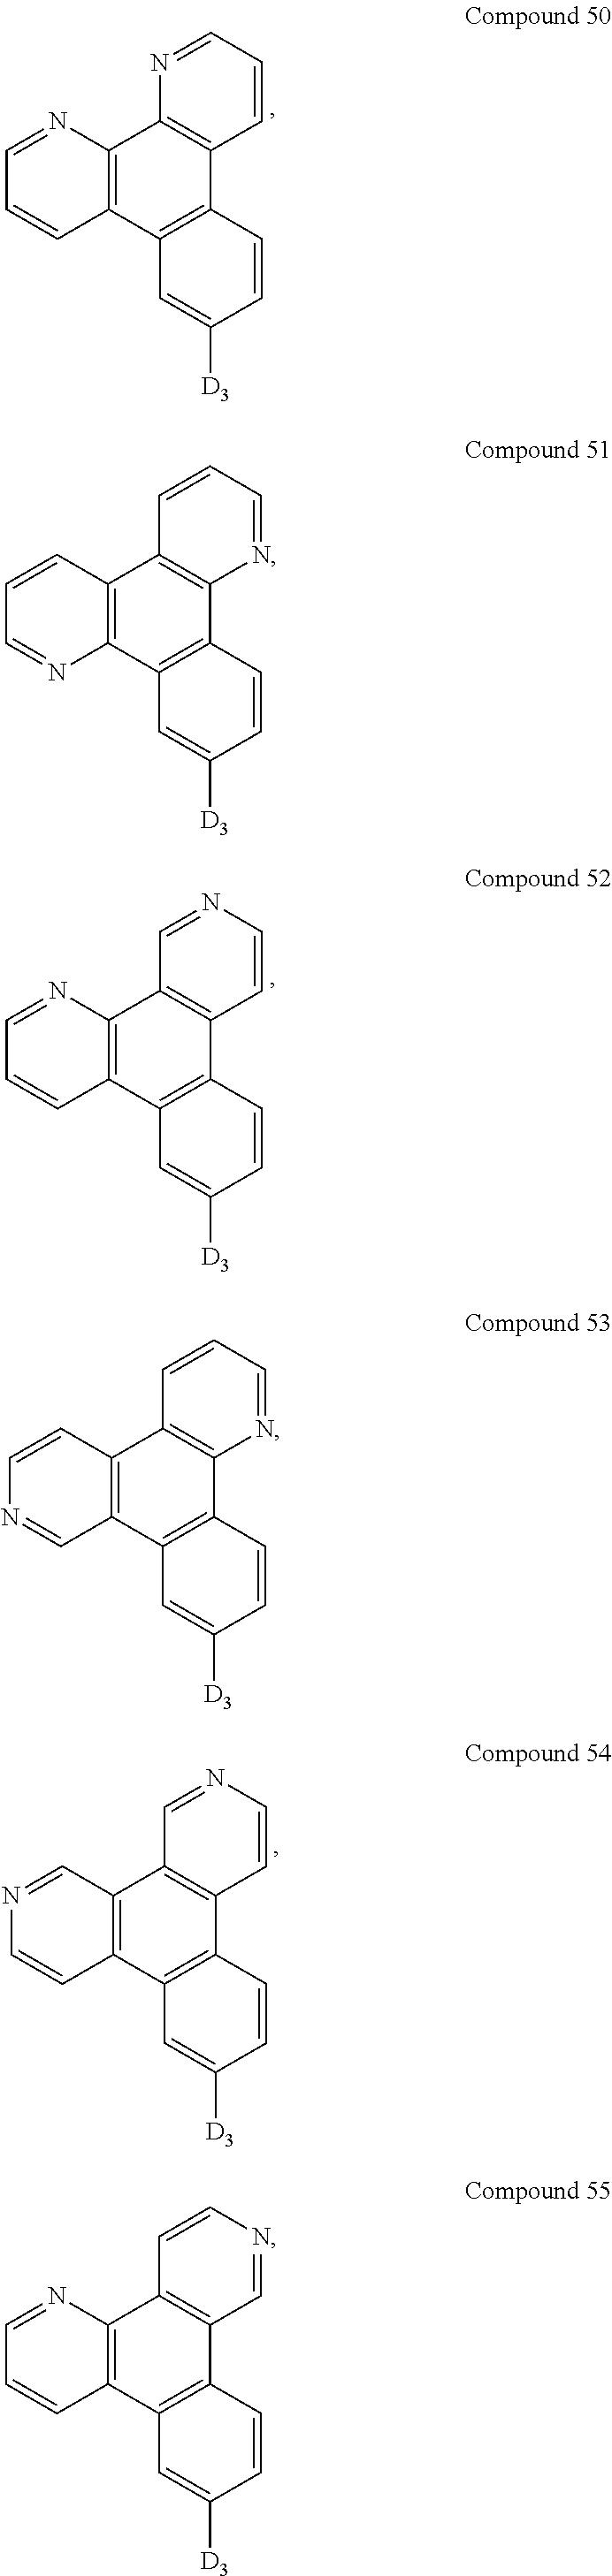 Figure US09537106-20170103-C00596